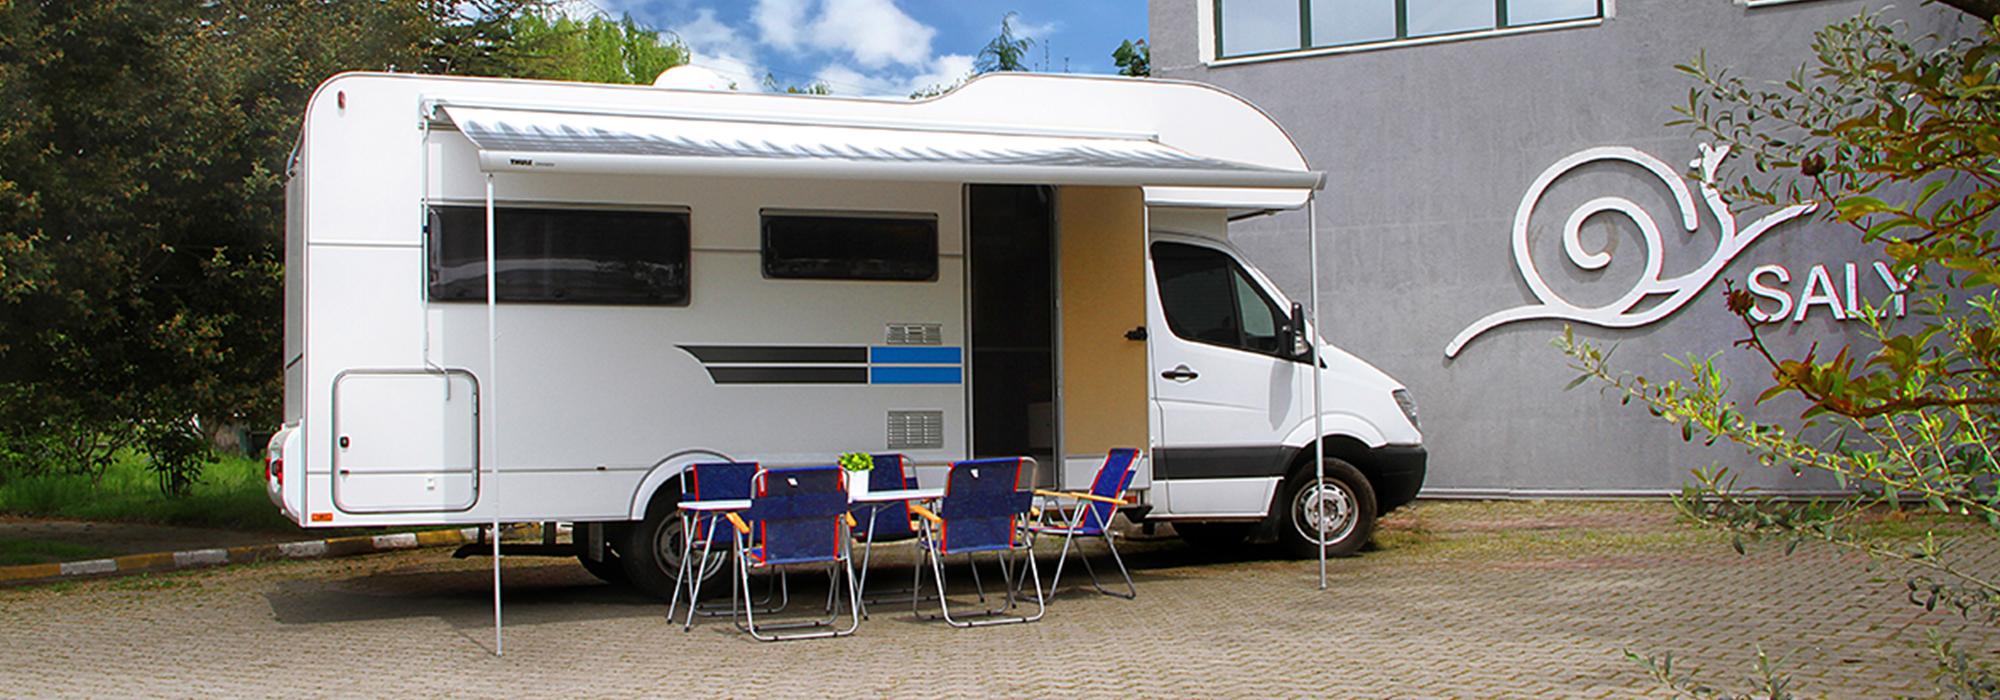 sahibinden kiralik karavan izmir